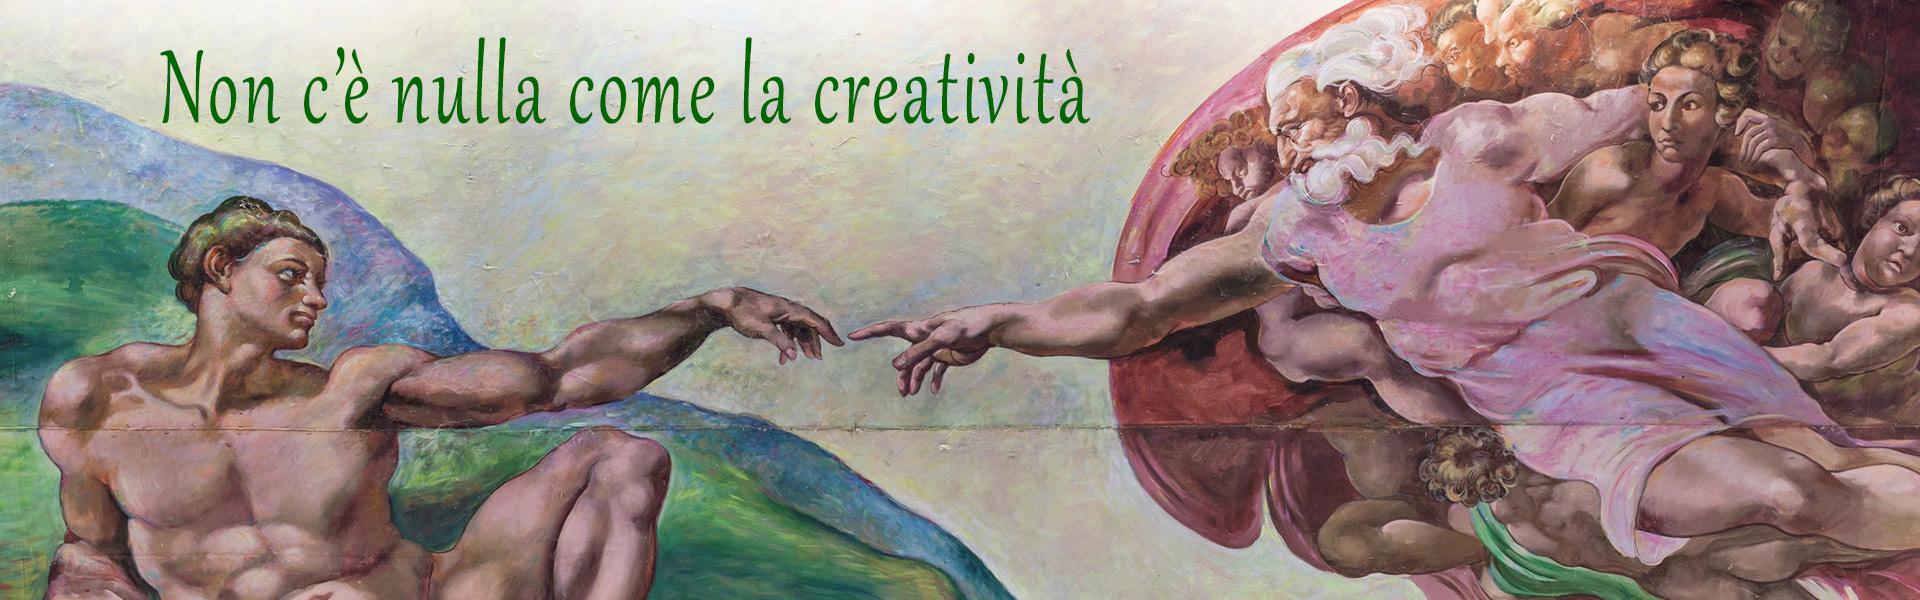 Colorificio--roma